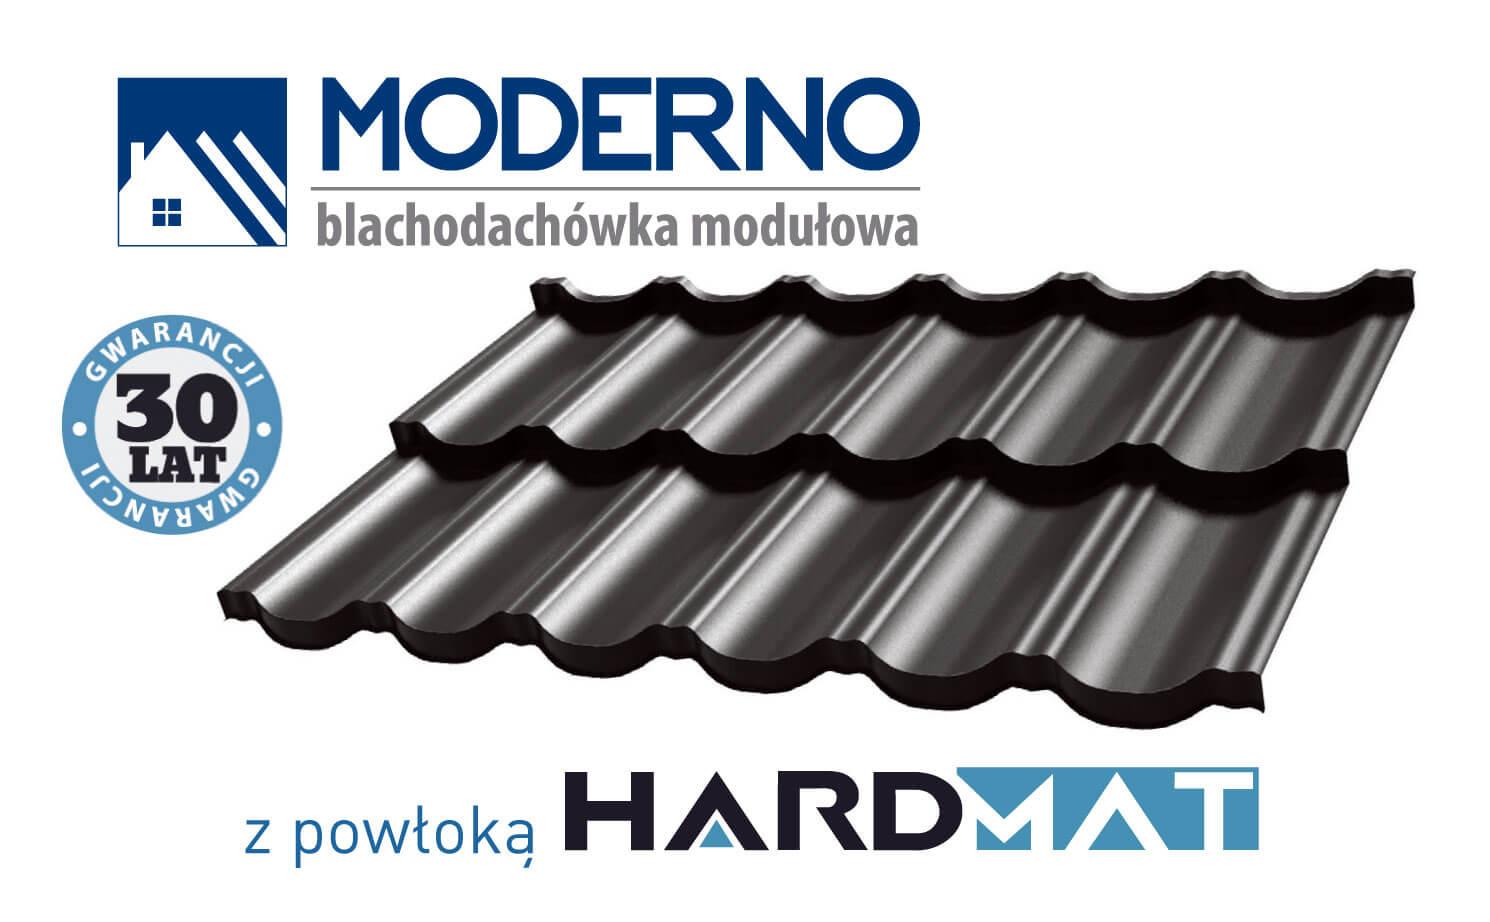 Moderno blachówka modułowa z powłoką Hardmat Handbud